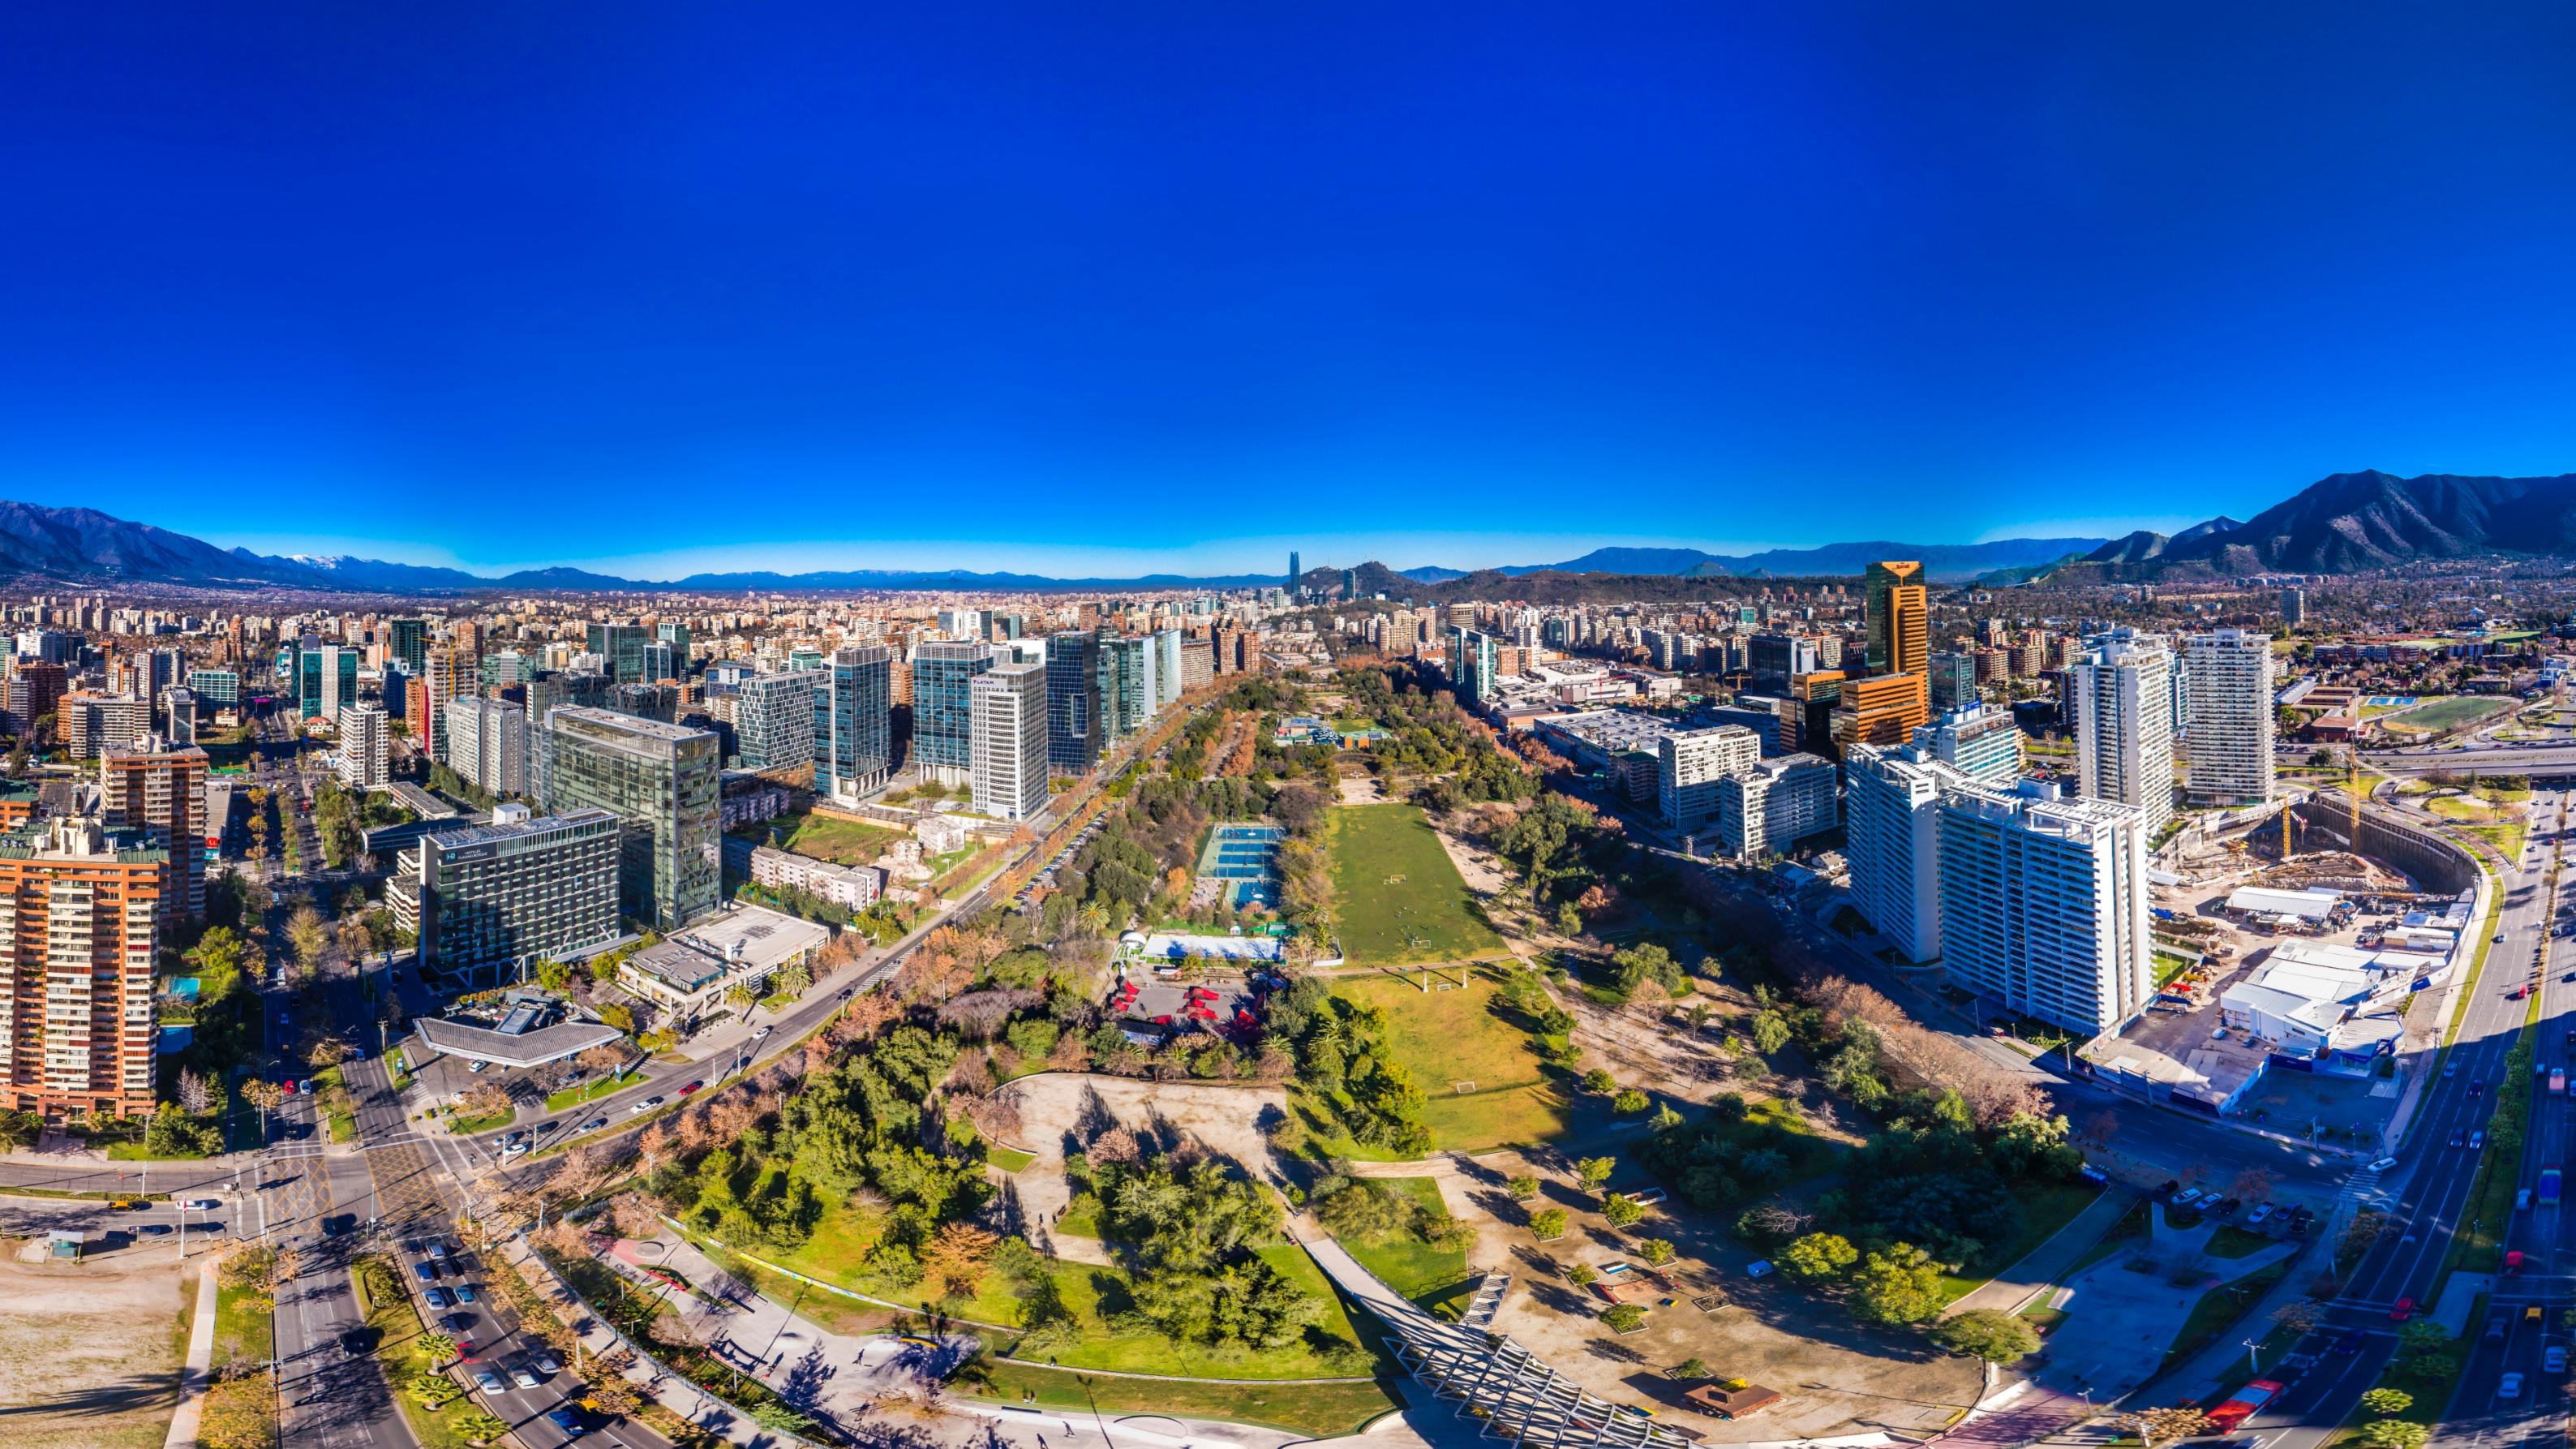 Parque Araucano Santiago